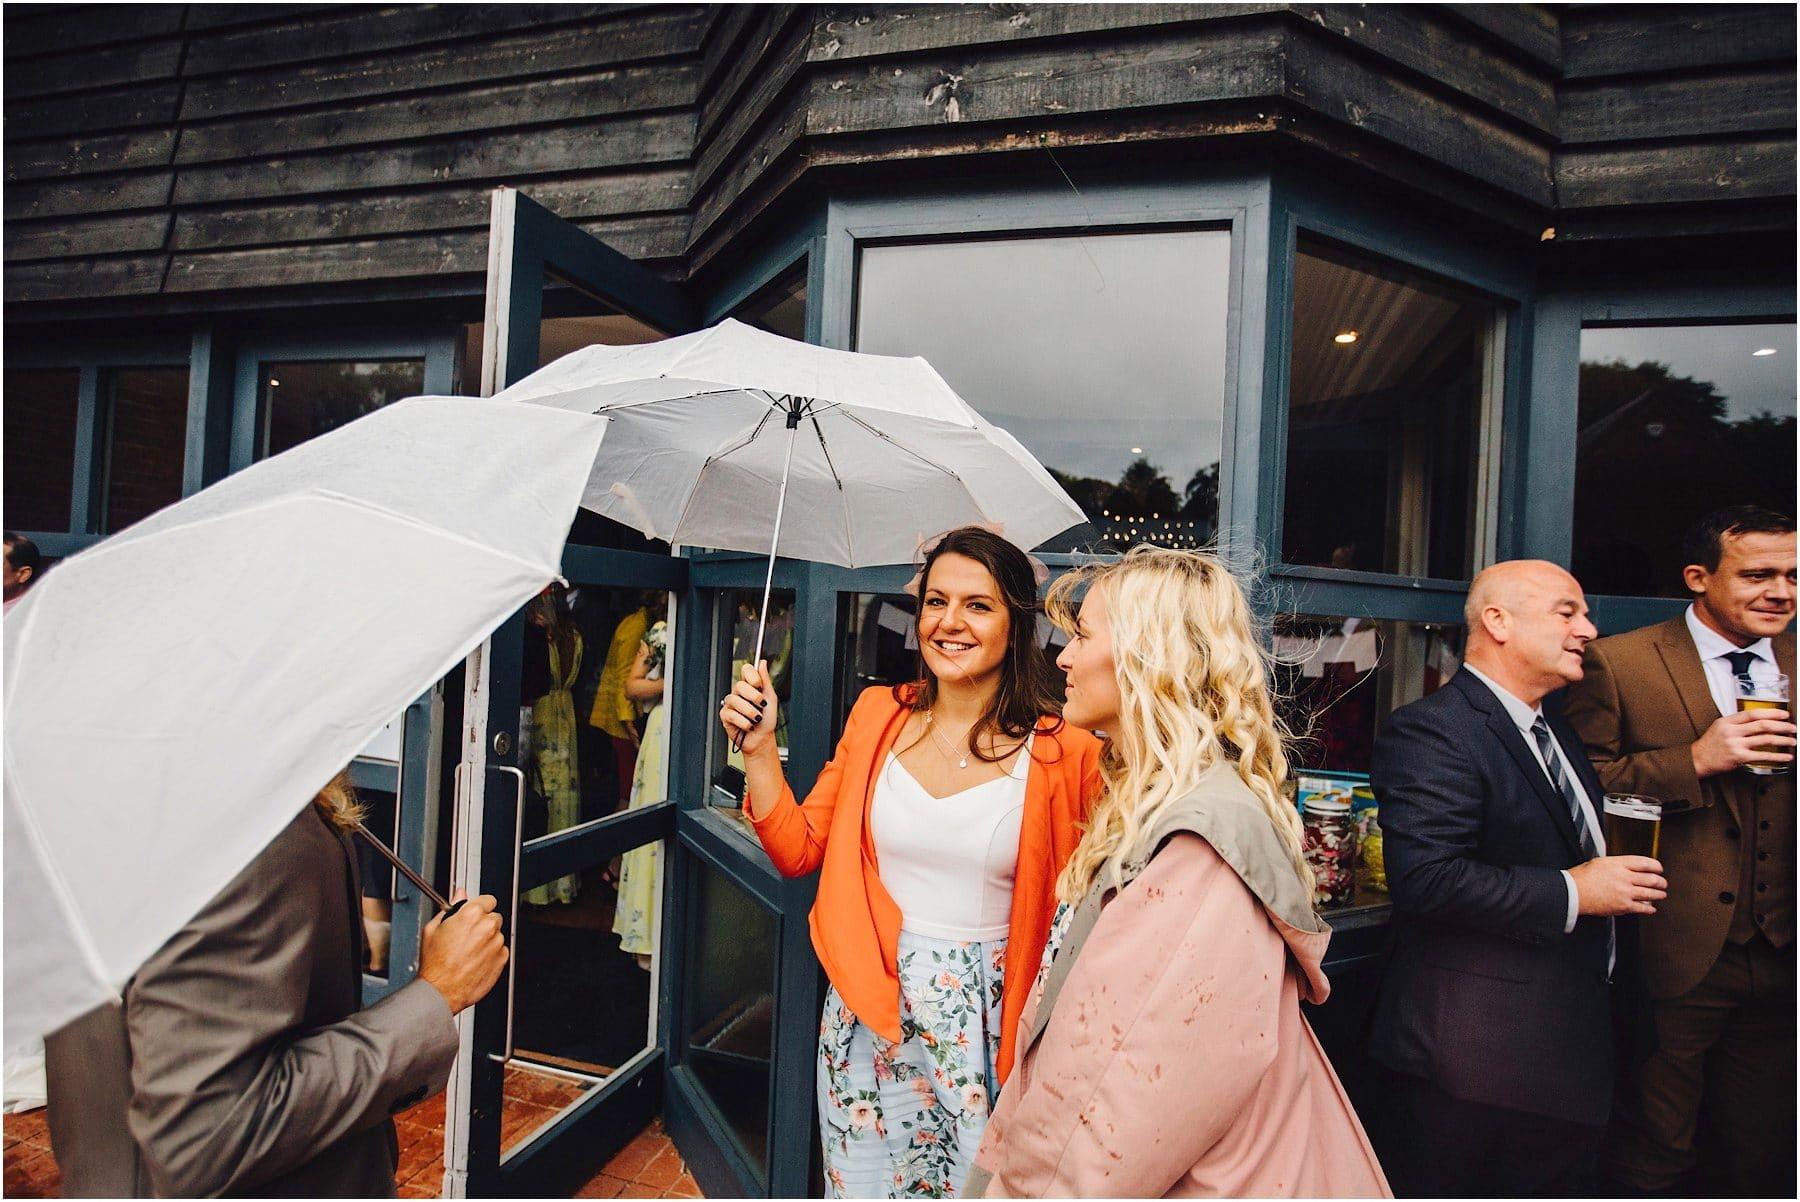 raining on wedding day